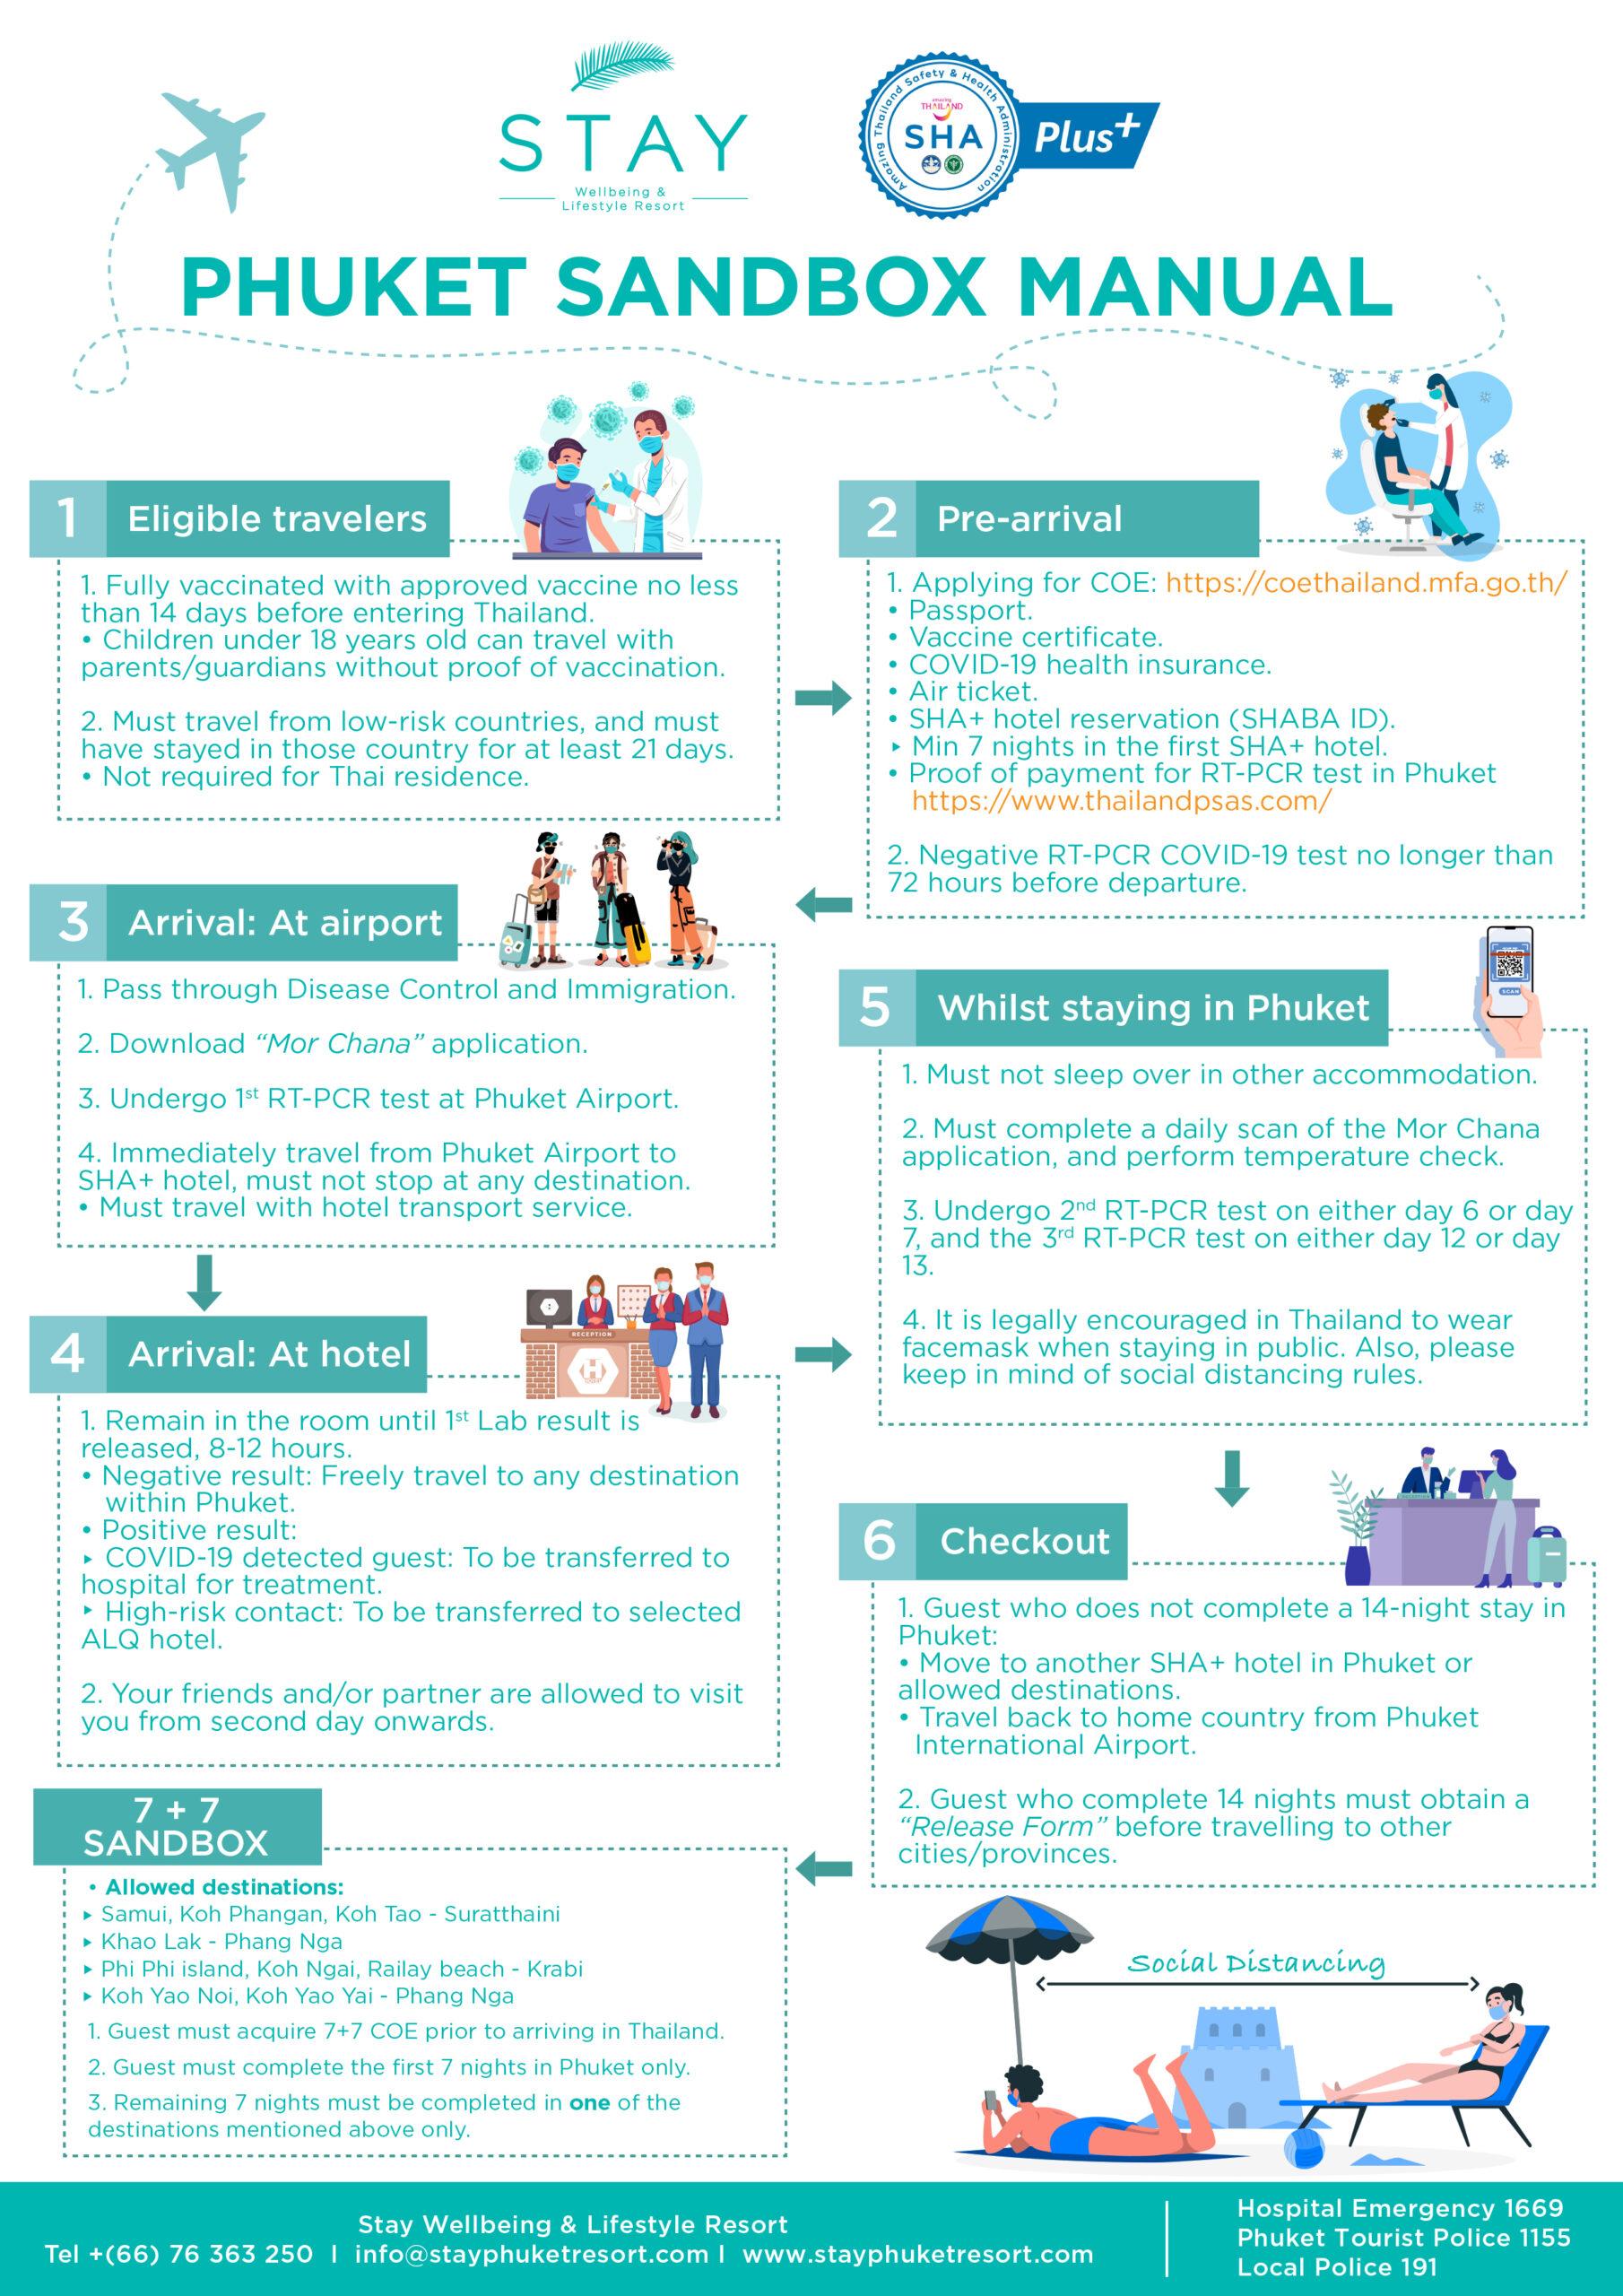 phuket-sandbox-guidelines-7+7